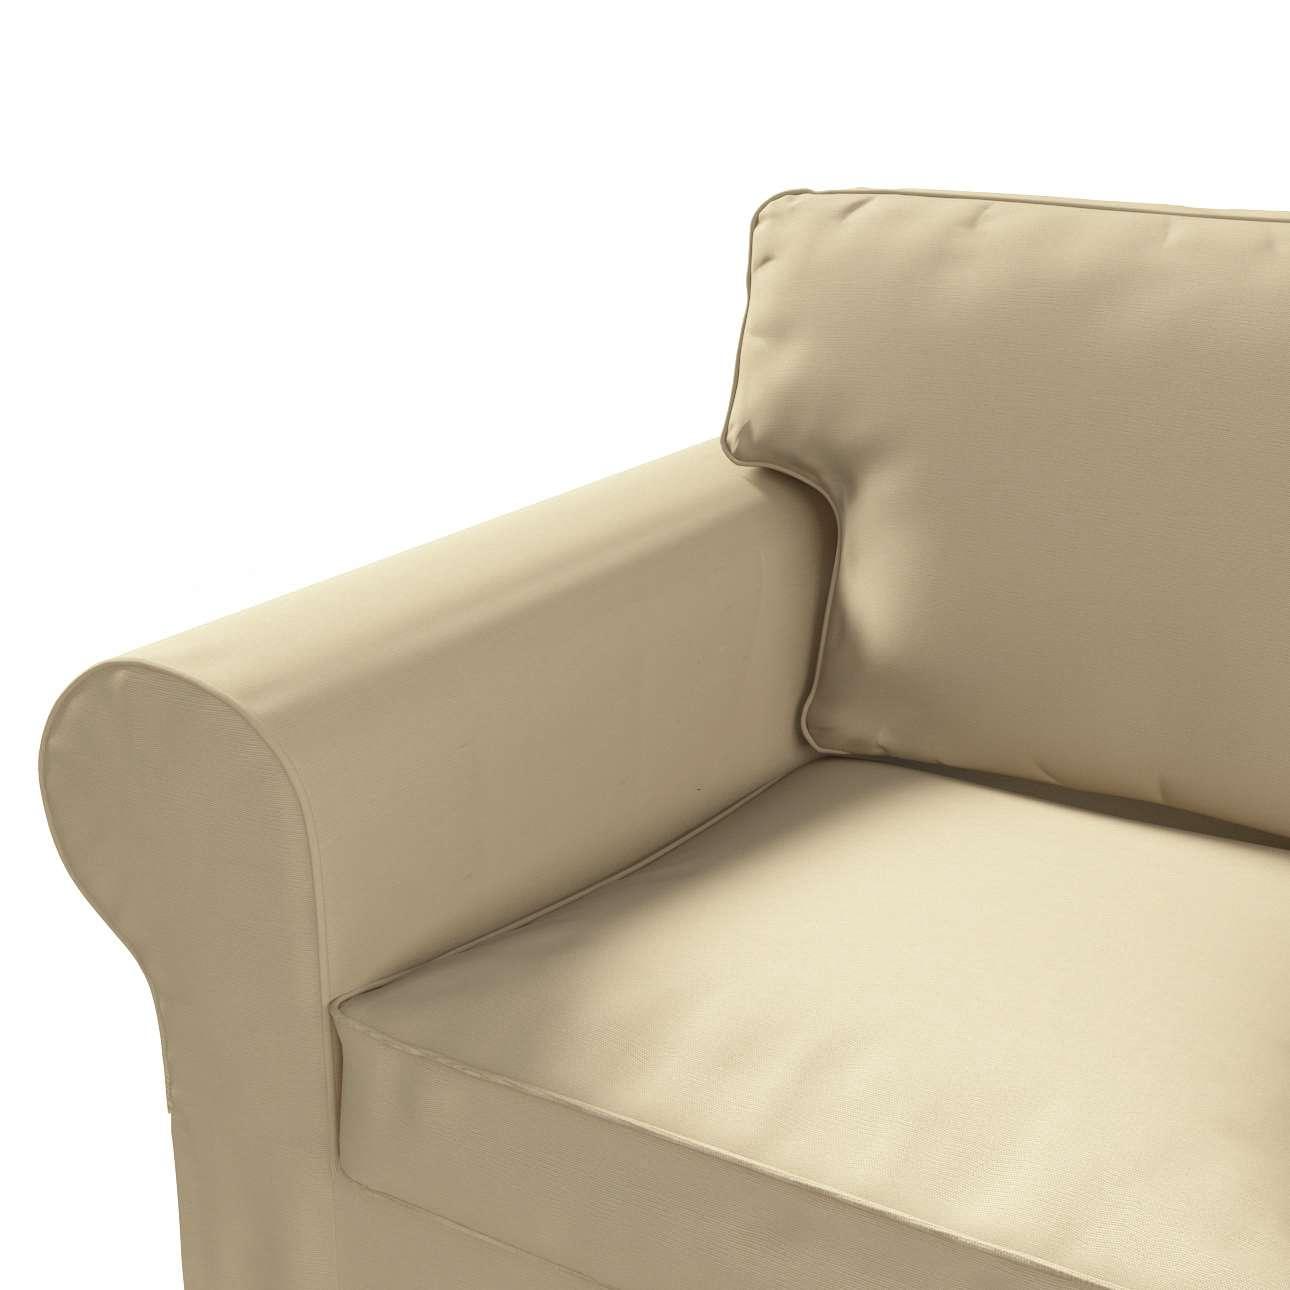 Pokrowiec na sofę Ektorp 2-osobową rozkładana NOWY MODEL 2012 sofa ektorp 2-osobowa rozkładana NOWY MODEL w kolekcji Cotton Panama, tkanina: 702-01